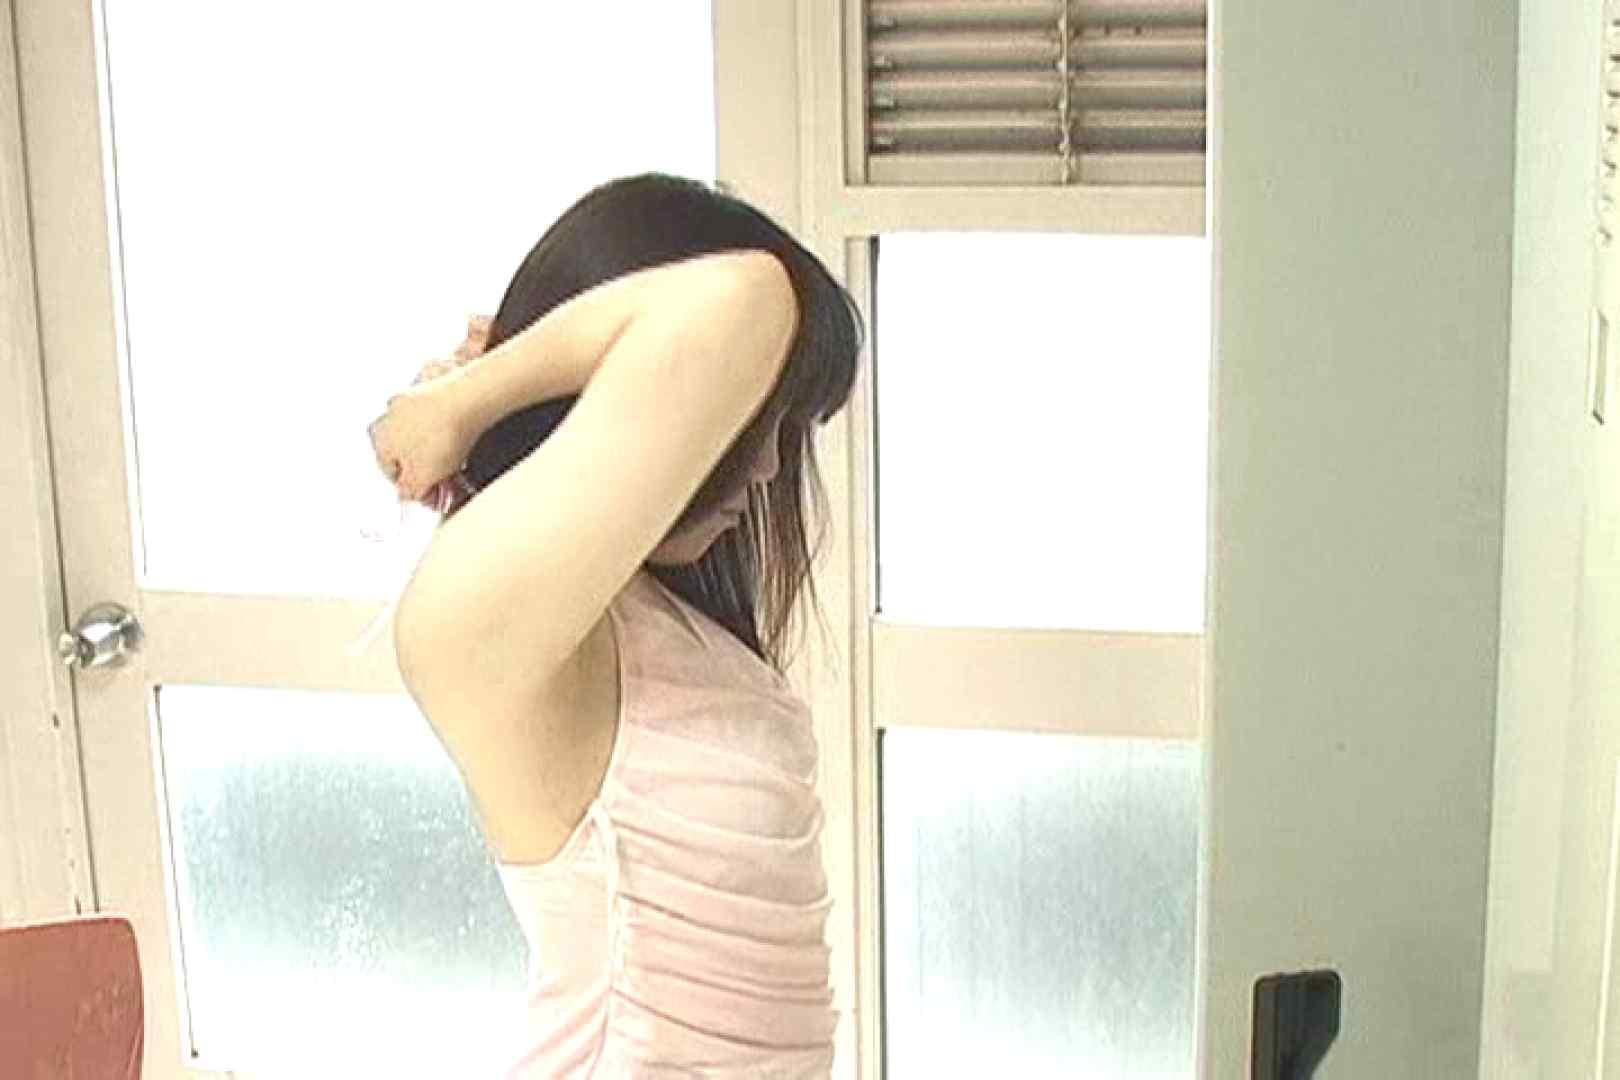 キャバ嬢舞台裏Vol.2 盗撮師作品 盗撮動画紹介 70pic 50